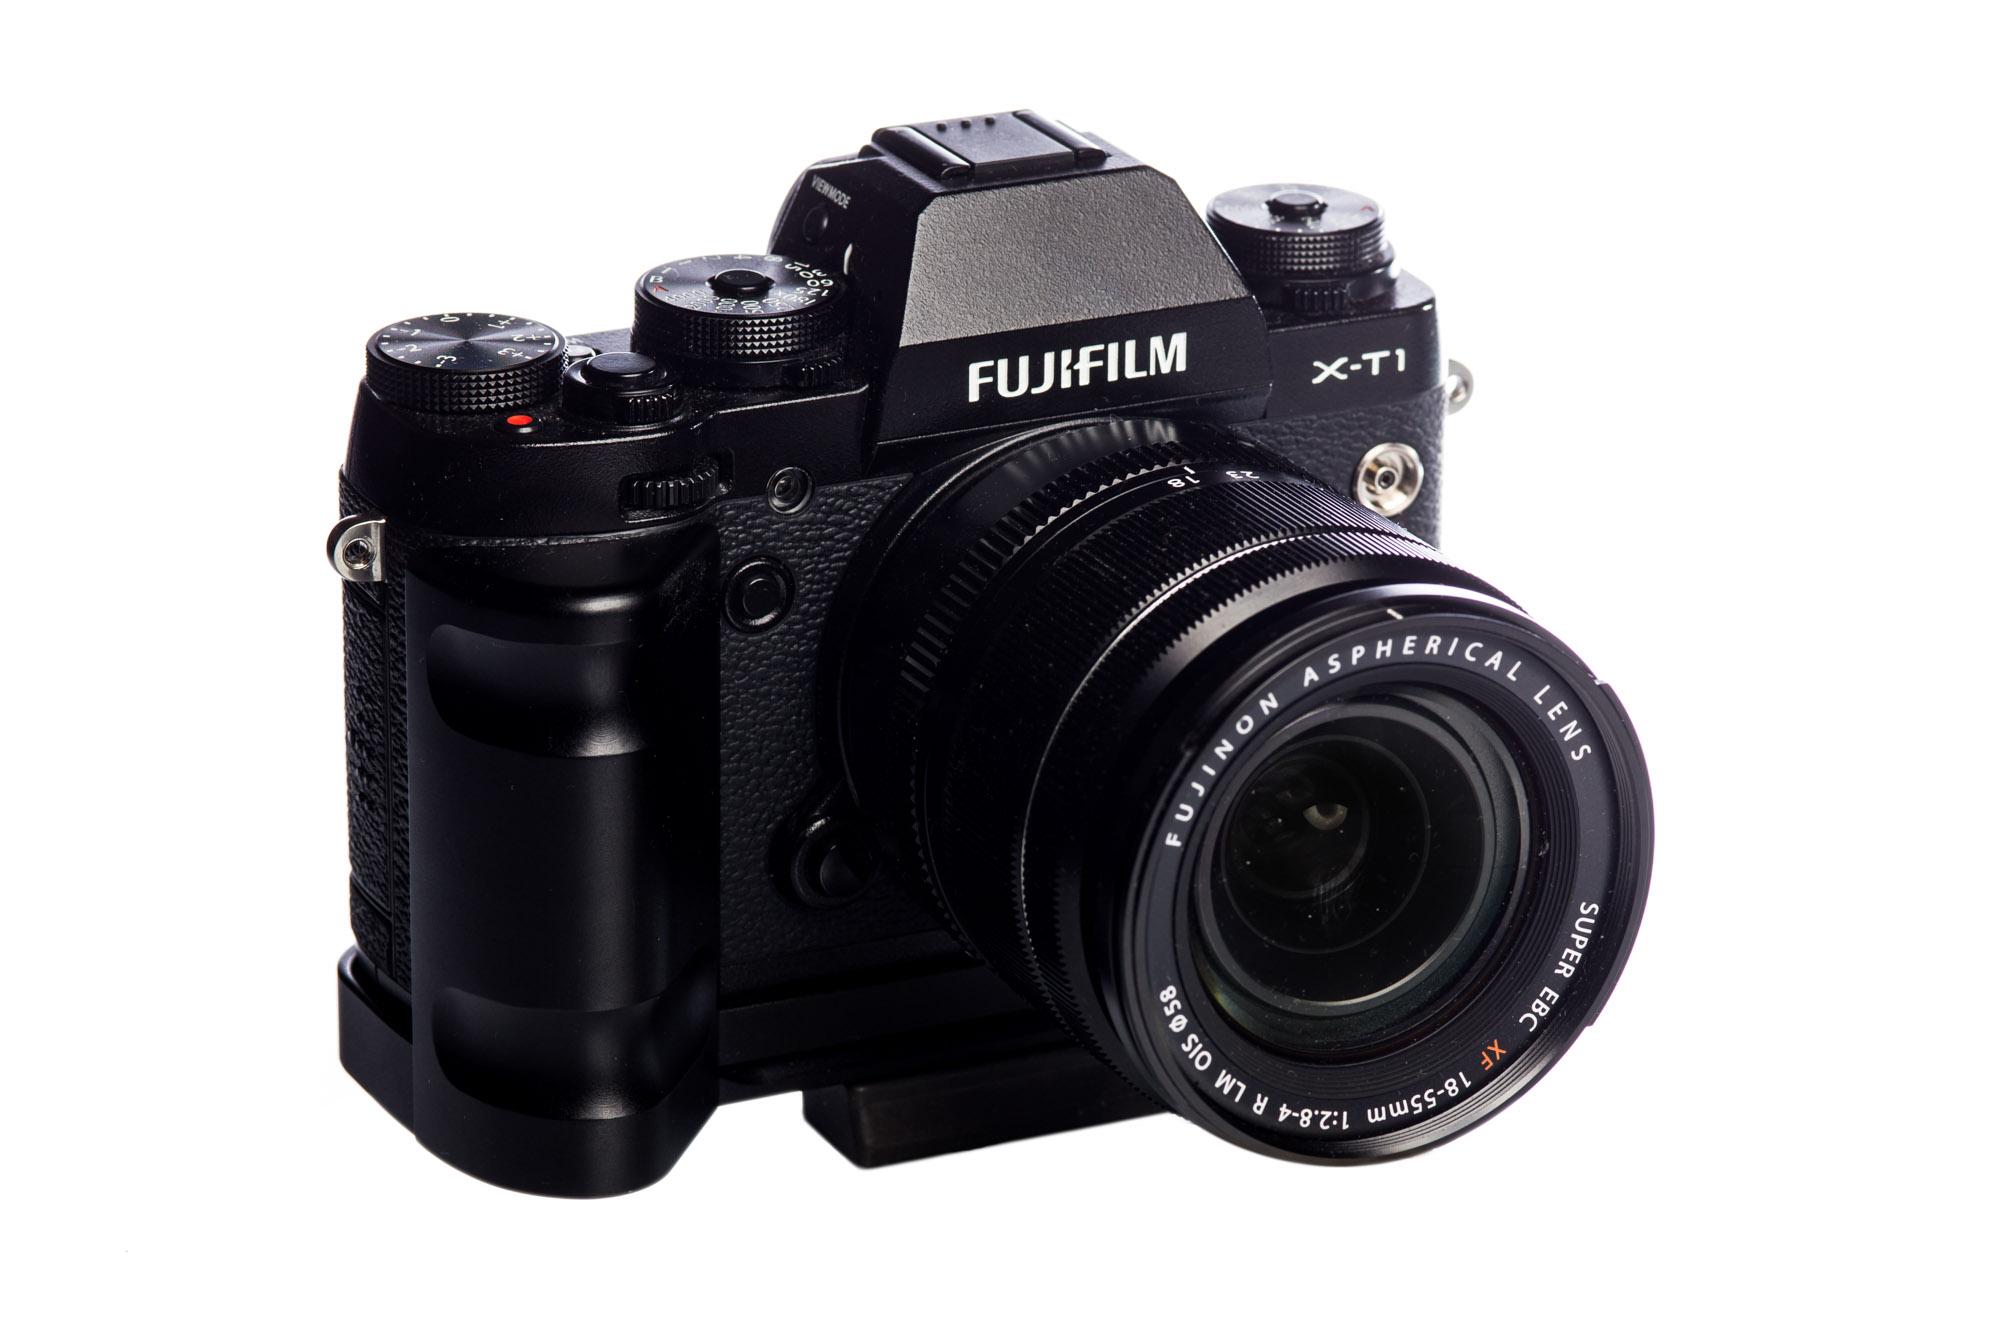 Die Fuji X-T1 ist in Größe und Aussehen mit meiner analogen Minolta X-700 vergleichbar. Das einzige was mich glücklicher machen könnte wäre ein Vollformat Sensor, jeoch verstehe und respektiere ich Fujifilms Entscheidung nicht in den stark umkämpften Sektor der Vollformatkameras einzusteigen.